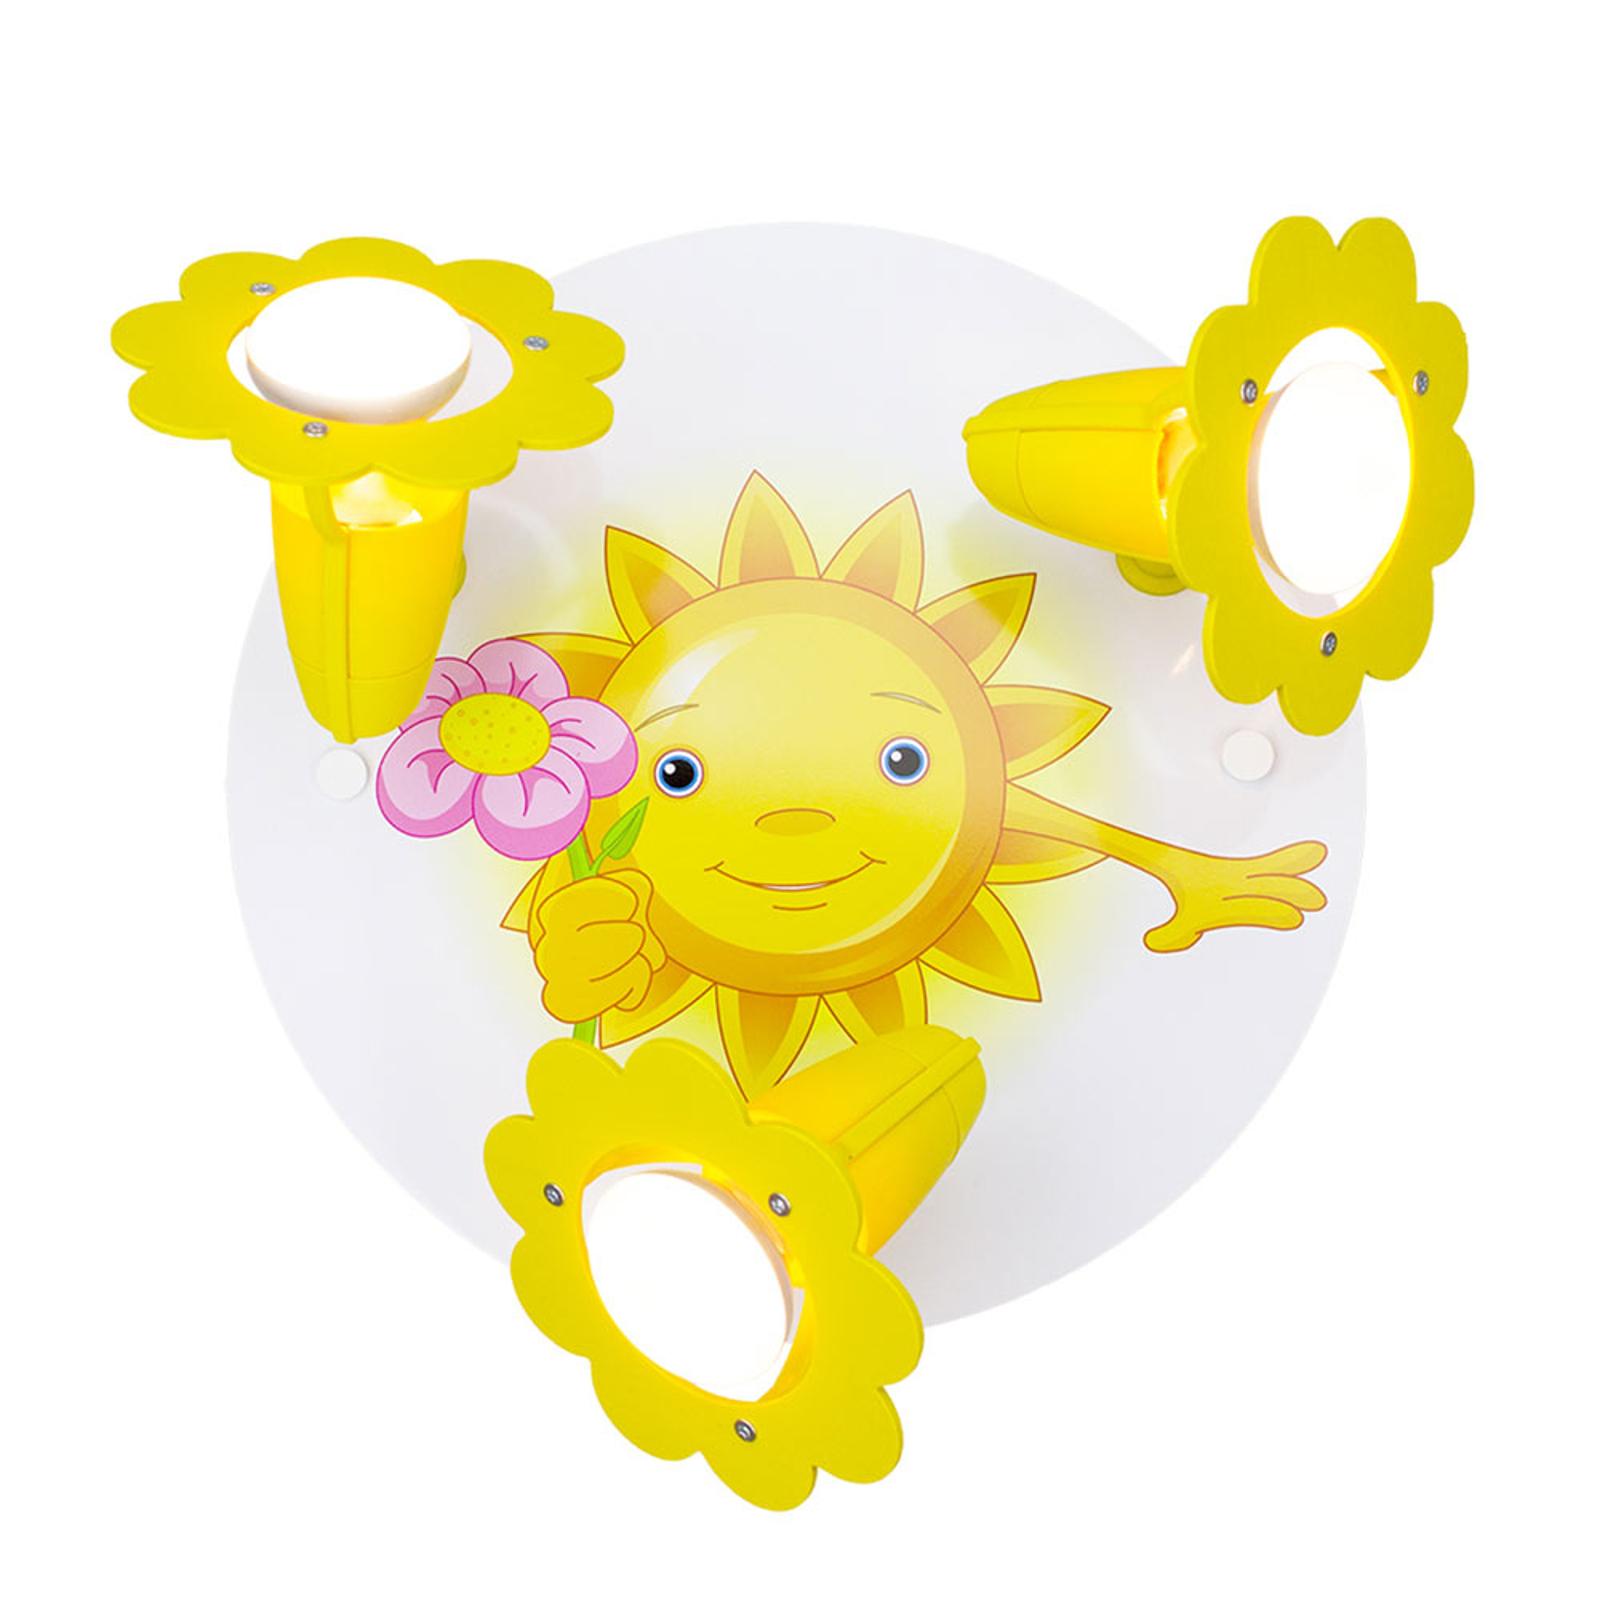 Taklampa Sol med blomma 3 lampor, gul-vit